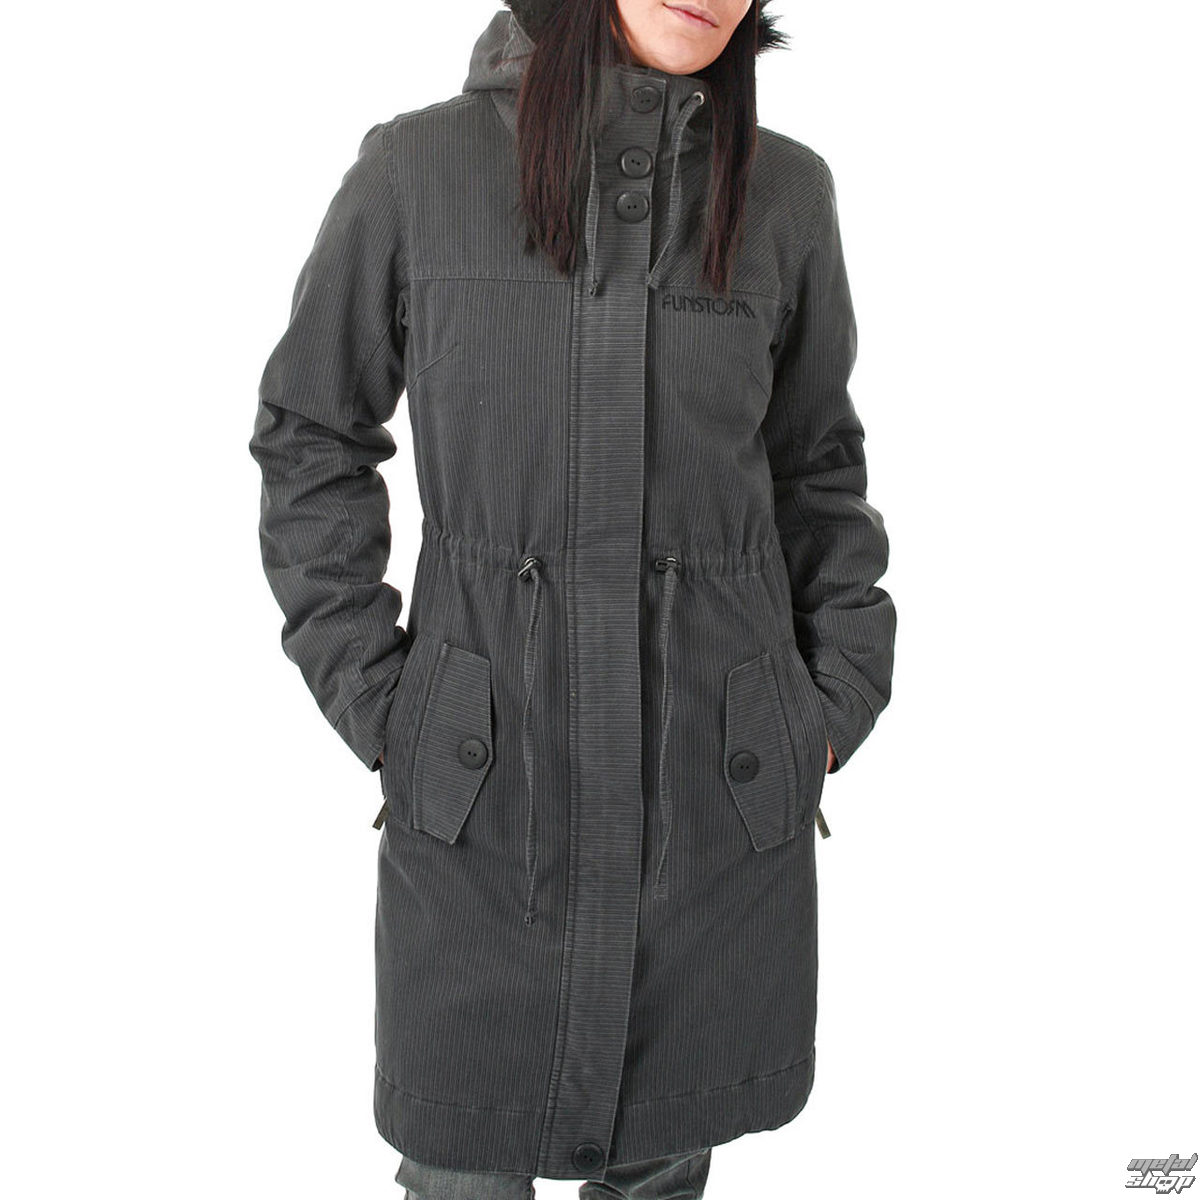 dzseki -dzseki- női téli VANS - Ledoy - 20 D GREY - Metalshop.hu 13e30942f9